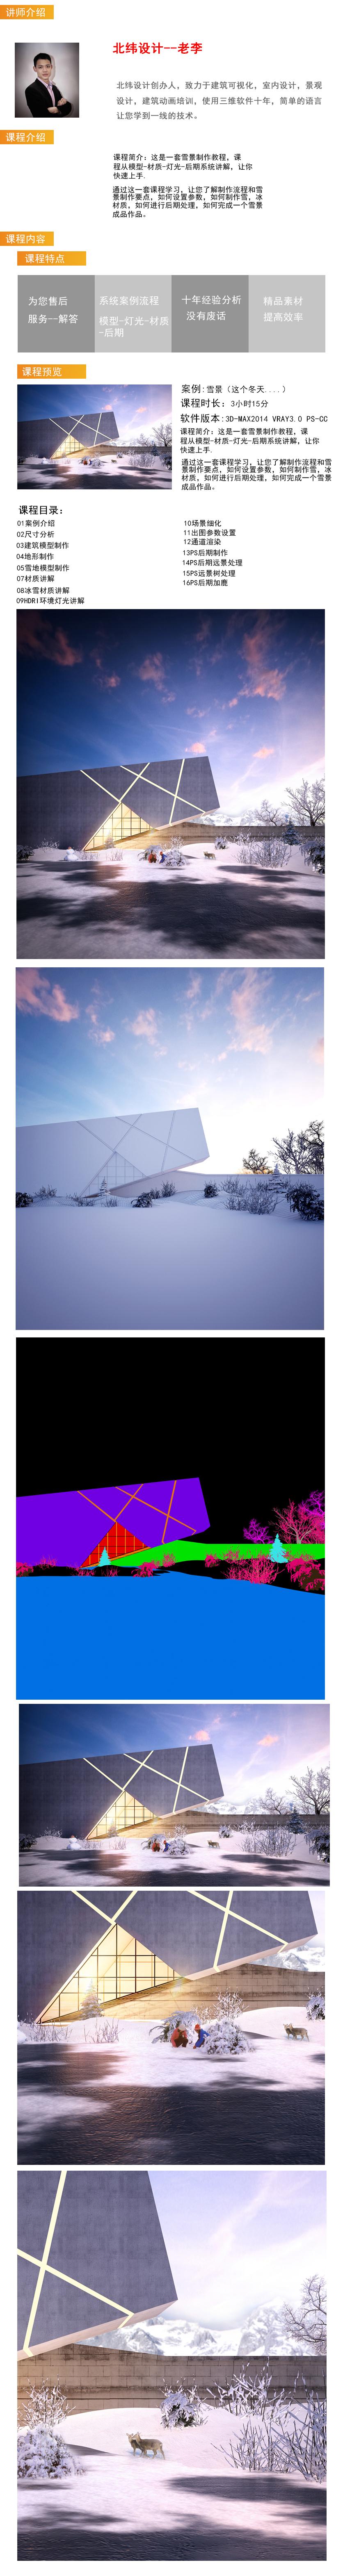 雪景案例--介绍01.jpg